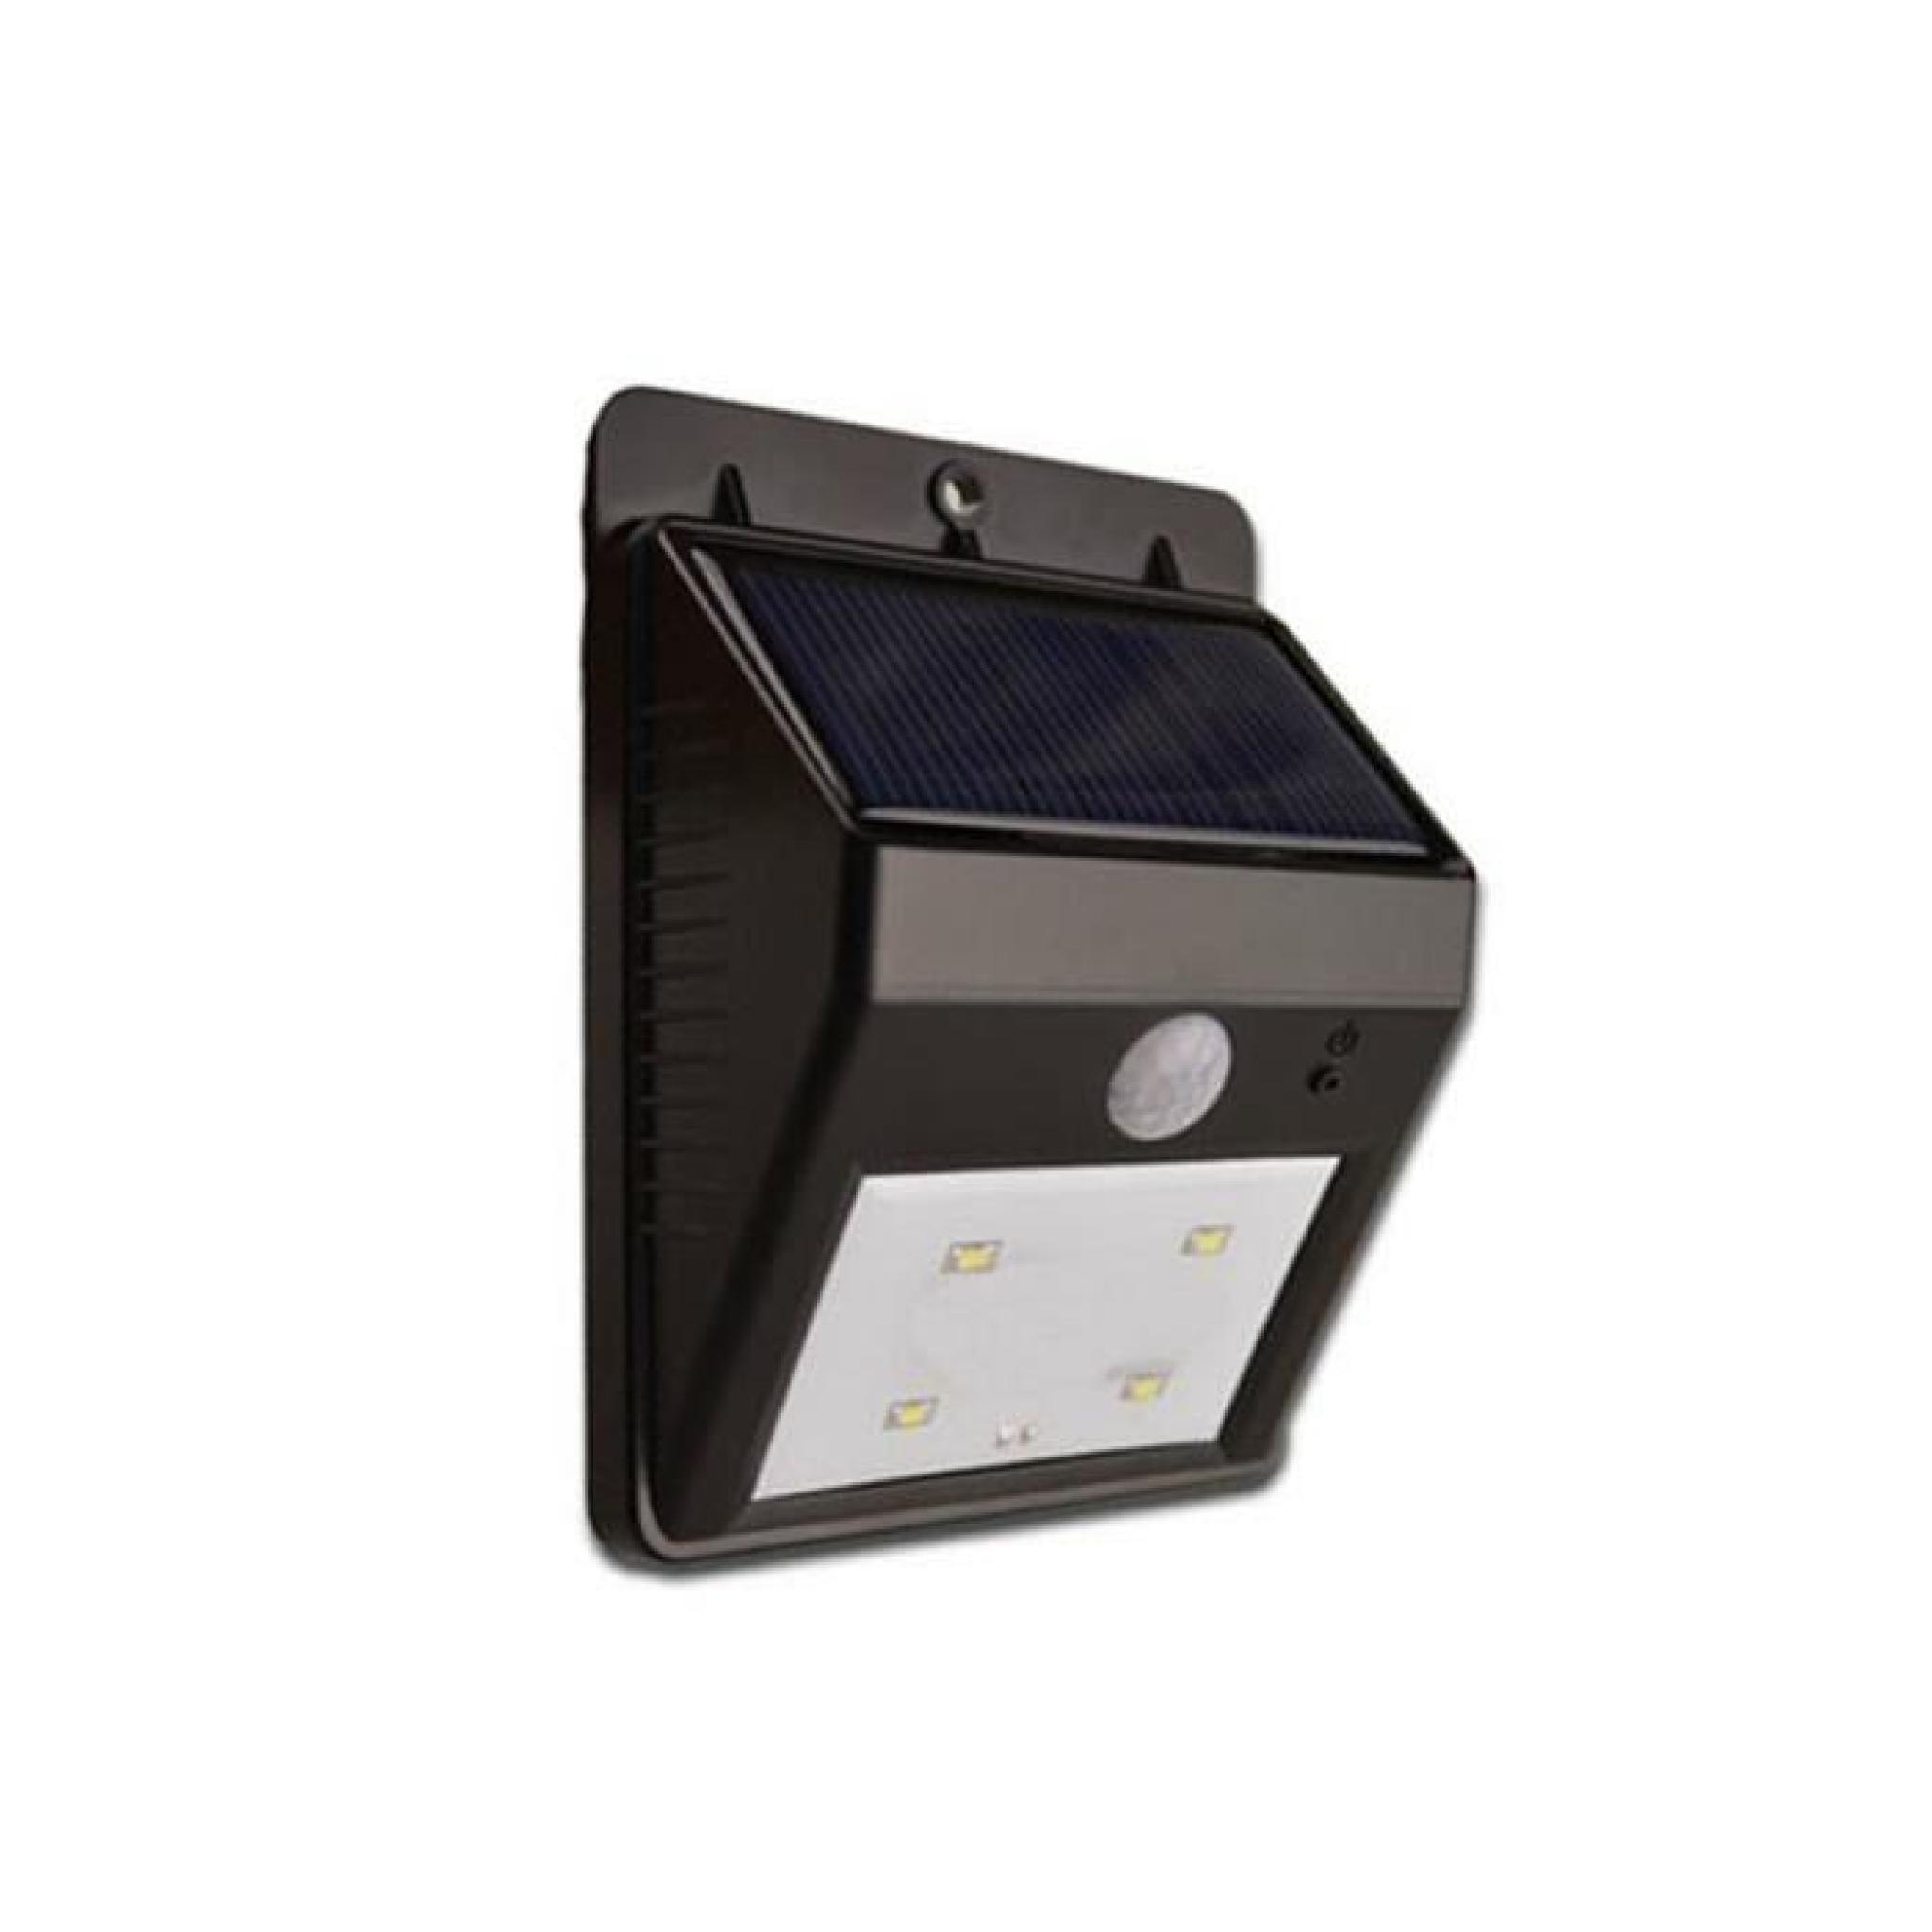 Lampe solaire interieur pas cher vivrebio lampe solaire for Lampe solaire interieur